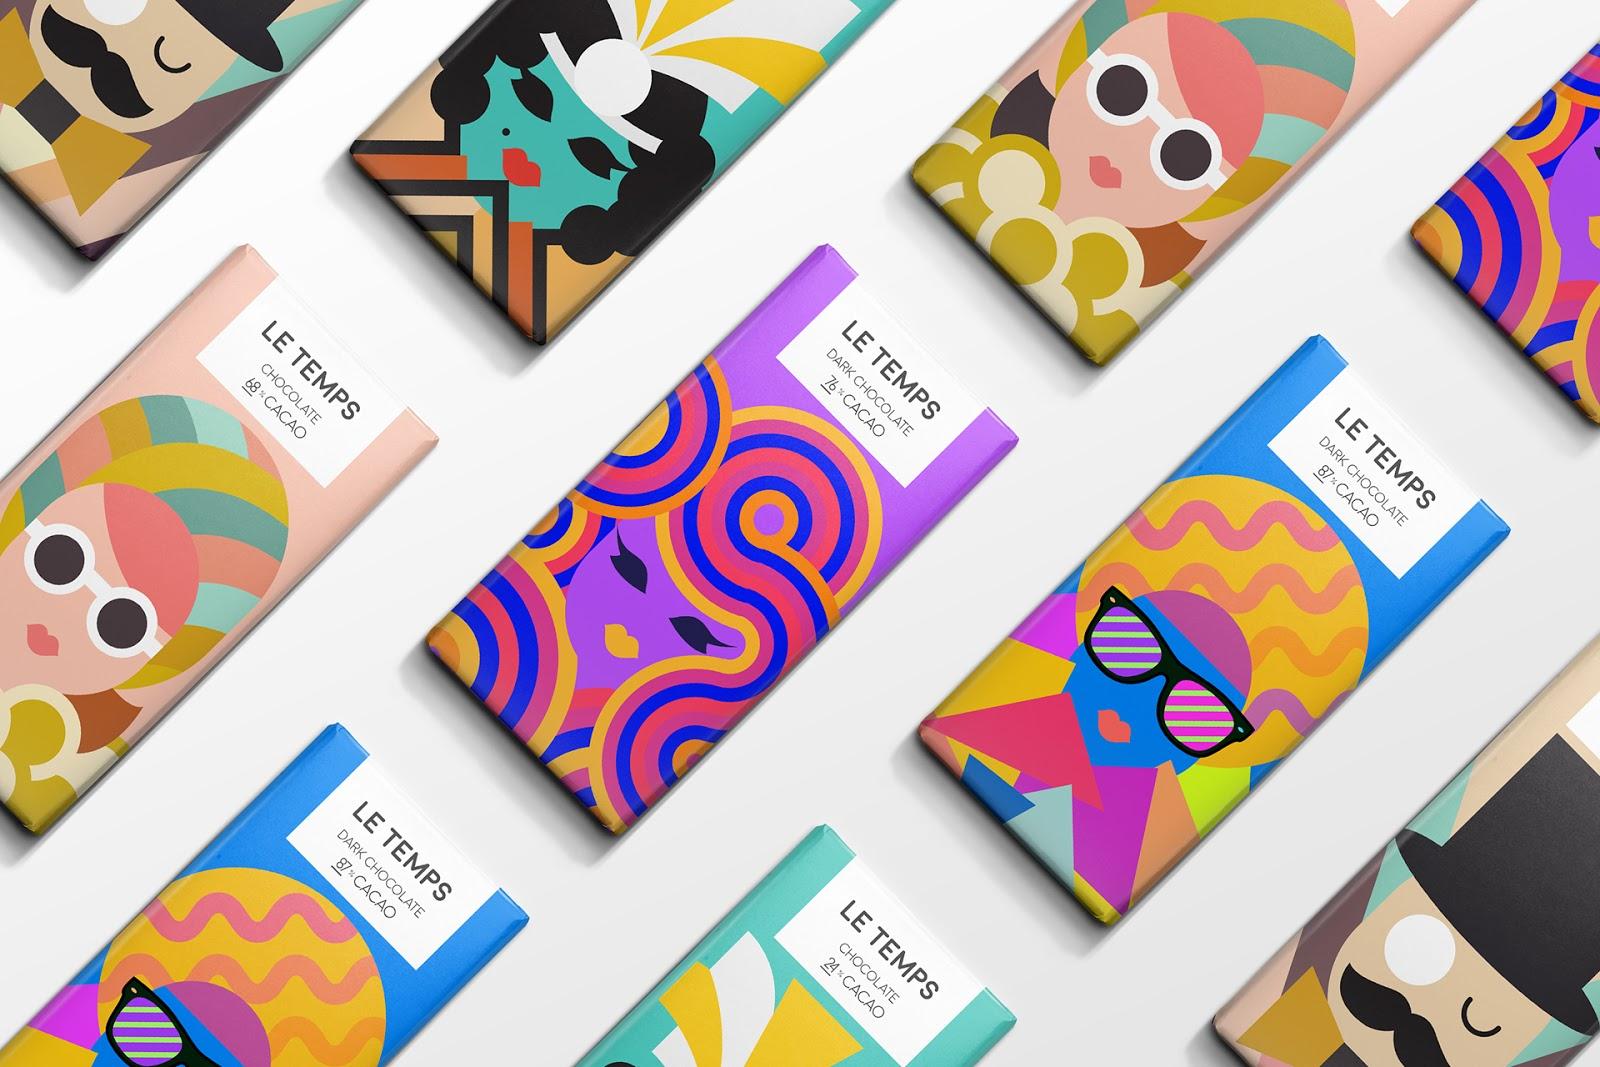 Le Temps巧克力包装设计